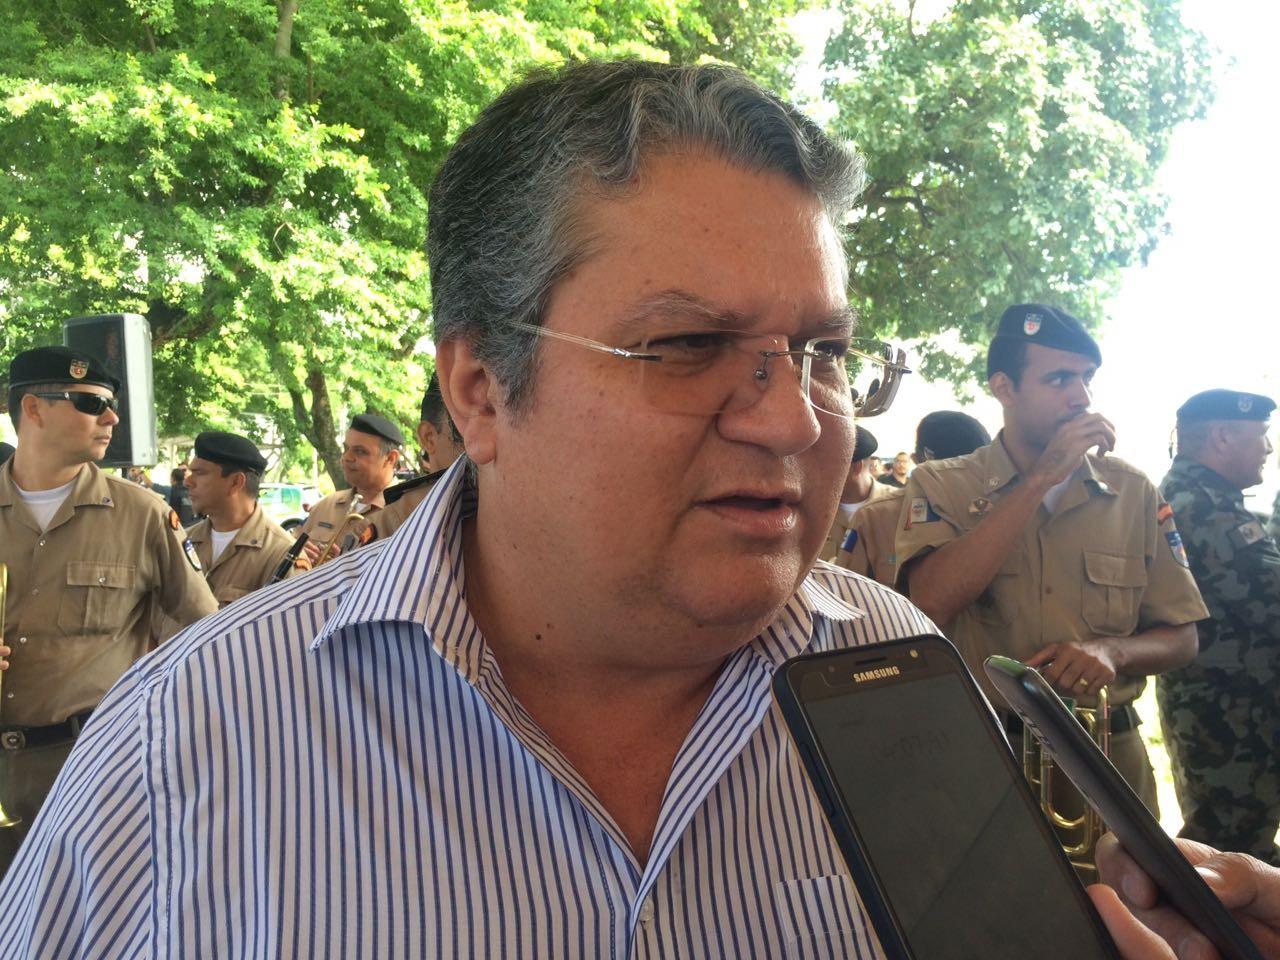 Paulo Cerqueira entrega cargo de delegado-geral da Polícia Civil de AL após ser indiciado pela PF